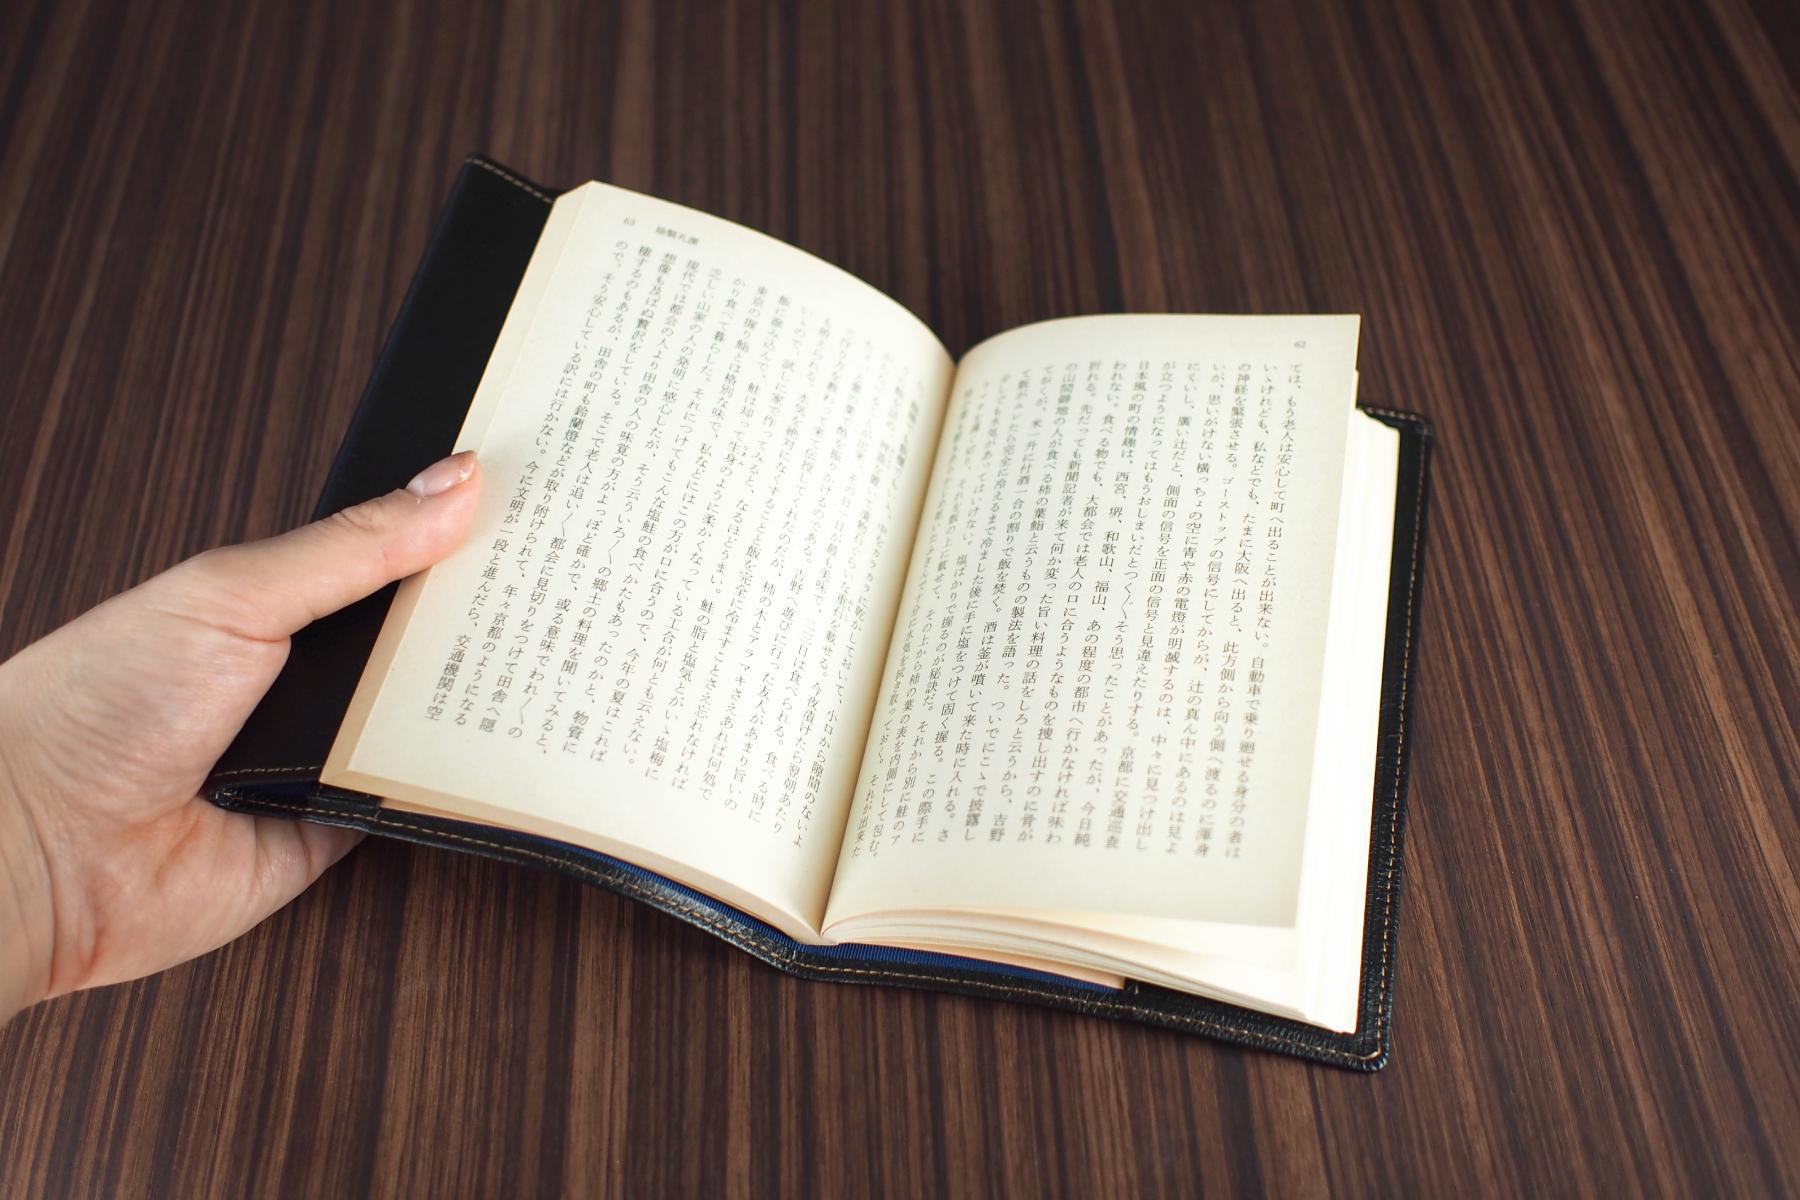 文庫本ブックカバー・アンティークを使用したイメージ